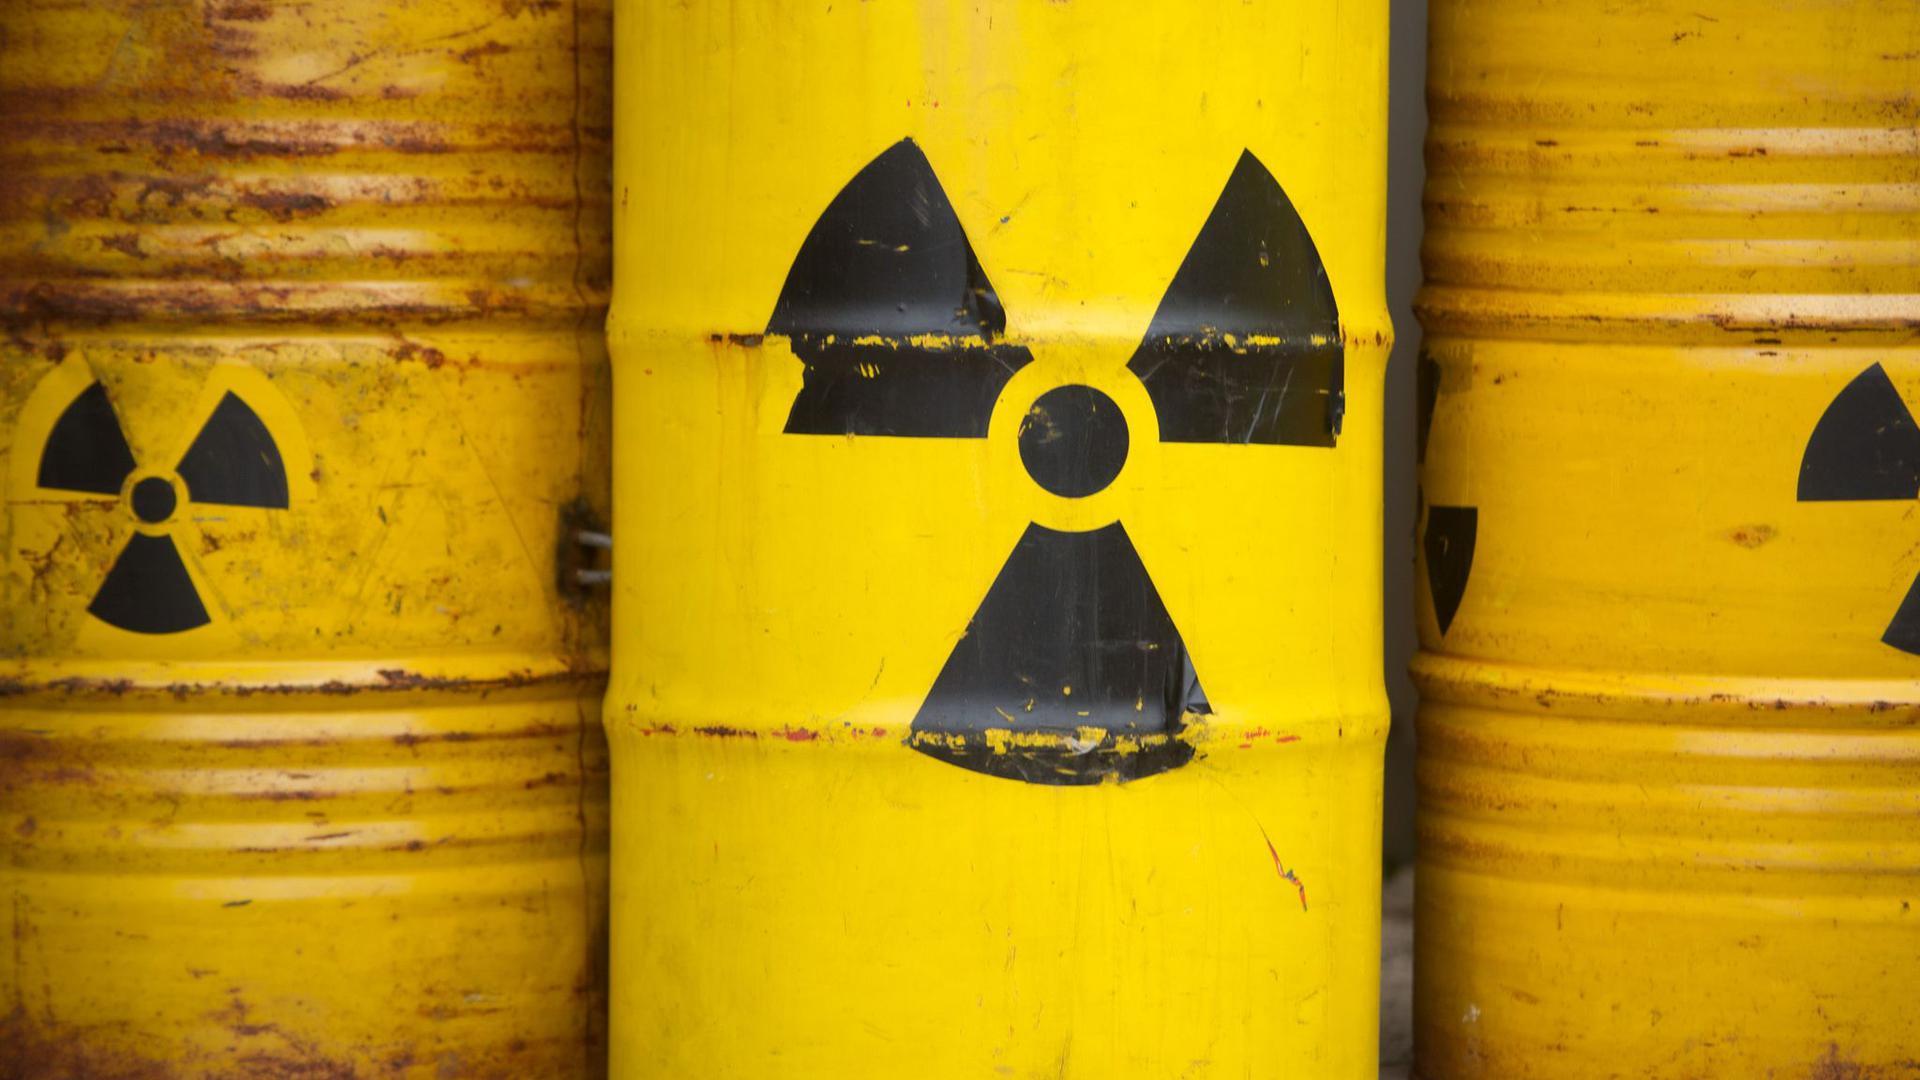 Bis 2031 soll ein Ort gefunden werden, an dem der strahlende Abfall aus Atomkraftwerken möglichst sicher unterirdisch gelagert werden kann. Von 2050 an soll das Endlager genutzt werden.